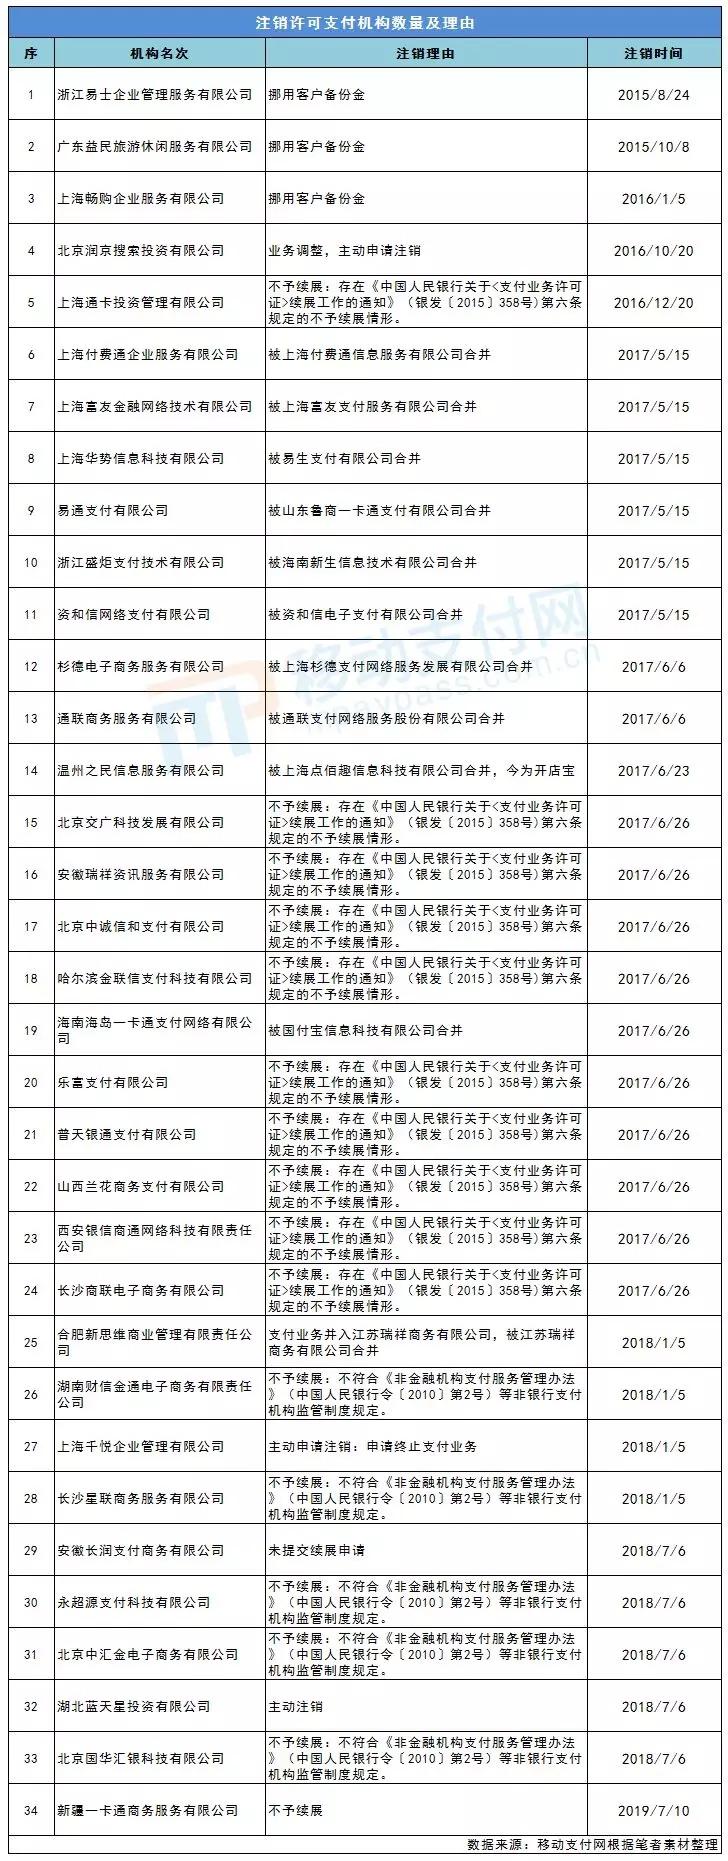 注销许可的支付机构如下表